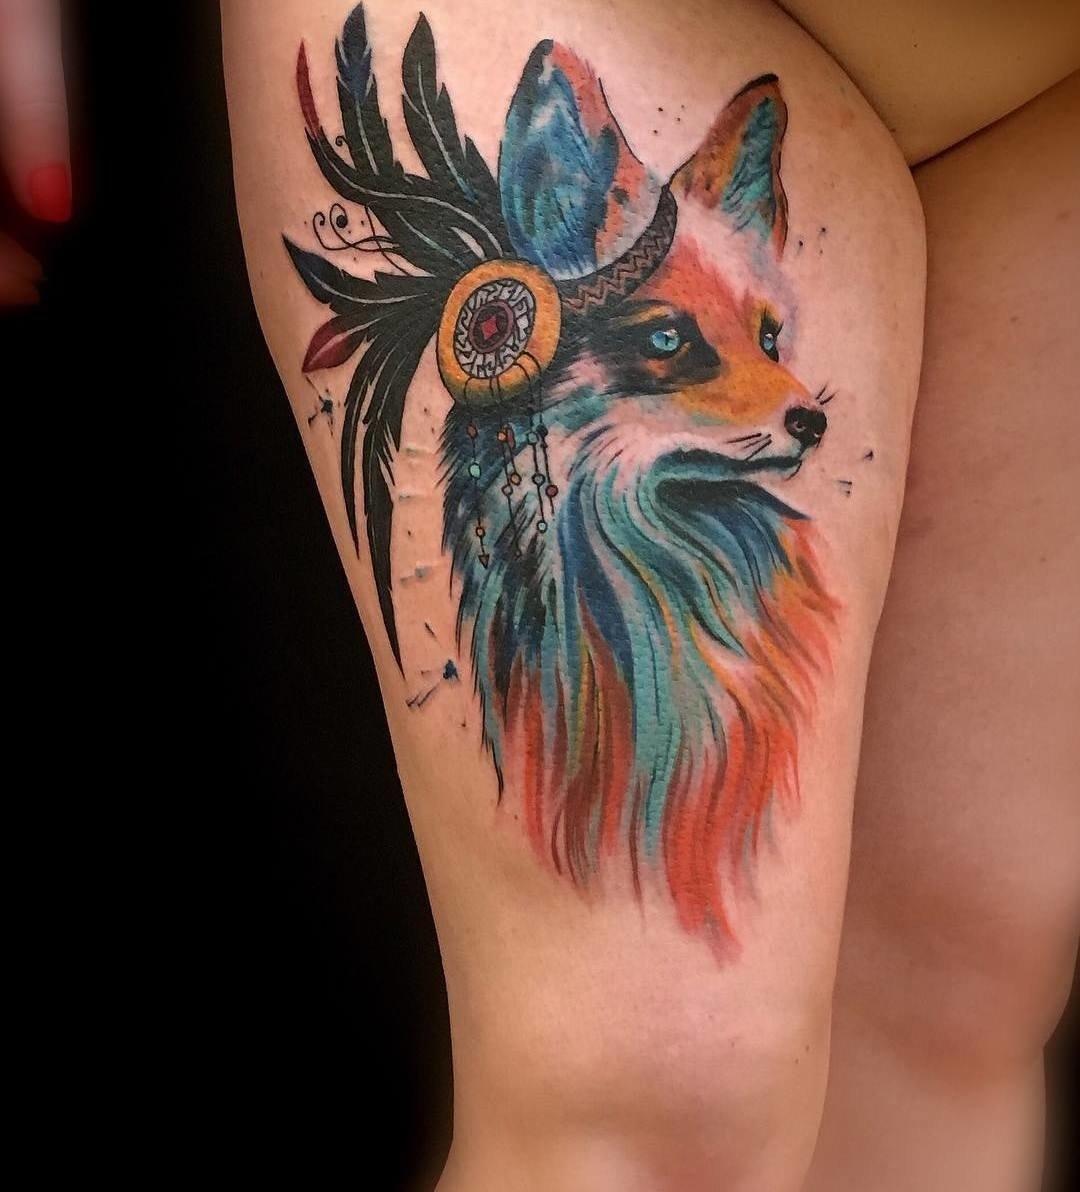 Аллочки, картинки с татуировкой лисы